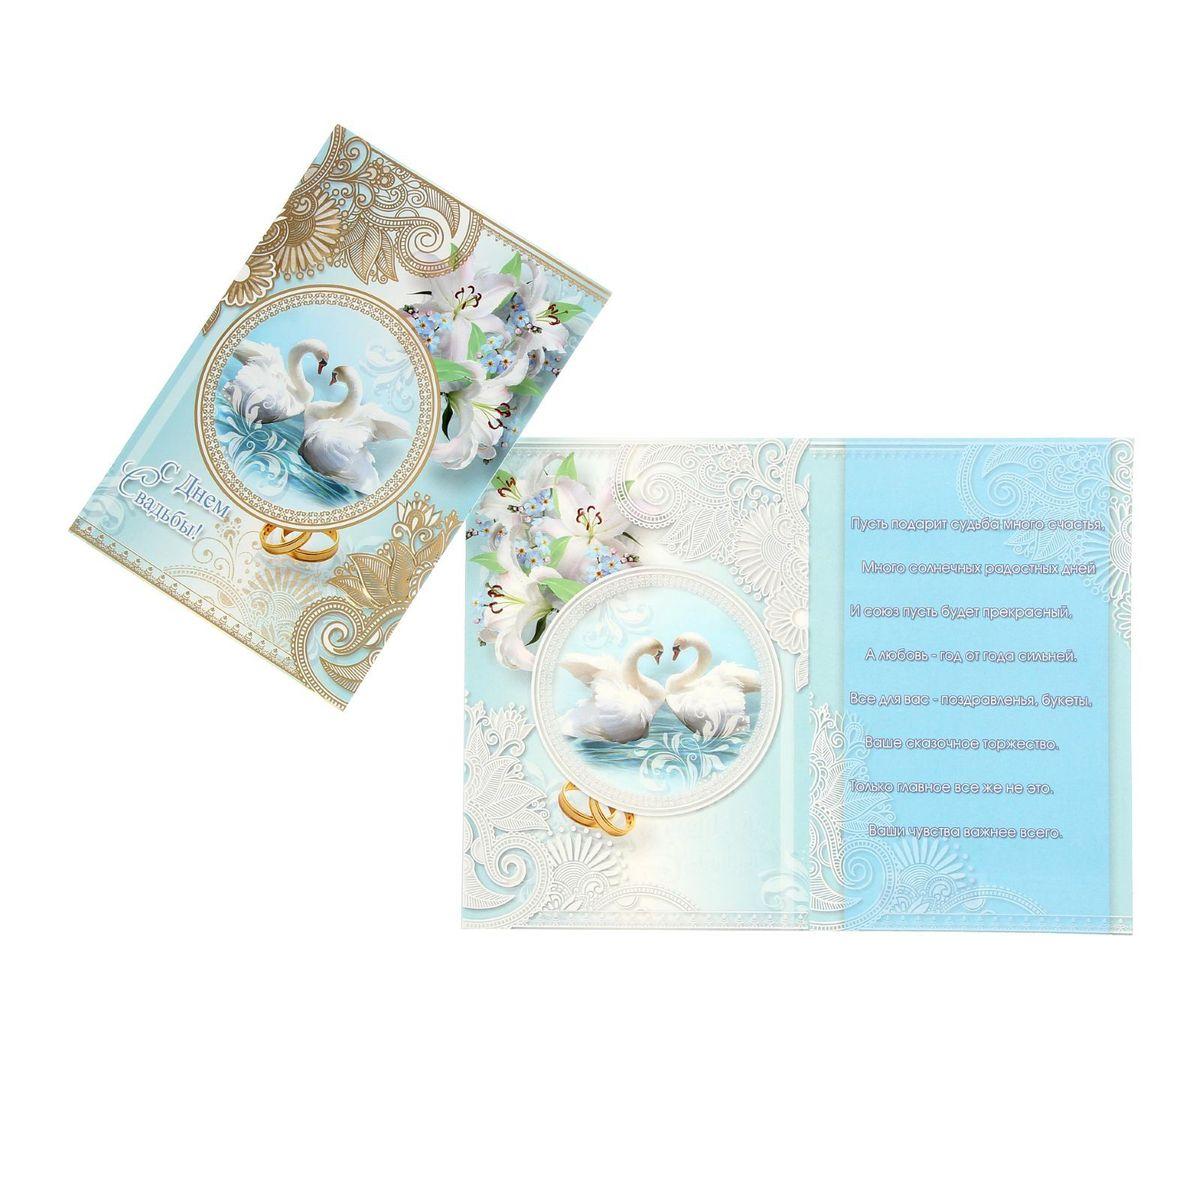 Открытка Sima-land С днем свадьбы! Лебеди1267347Если вы хотите порадовать себя или близких, создать праздничное настроение и с улыбкой провести памятный день, то вы, несомненно, сделали правильный выбор! Открытка Sima-land С днем свадьбы! Лебеди, выполненная из плотной бумаги, отличается не только оригинальным дизайном, но и высоким качеством. Лицевая сторона изделия оформлена ярким изображением. Внутри открытка содержит текст с поздравлением. Такая открытка непременно порадует получателя и станет отличным напоминанием о проведенном вместе времени.